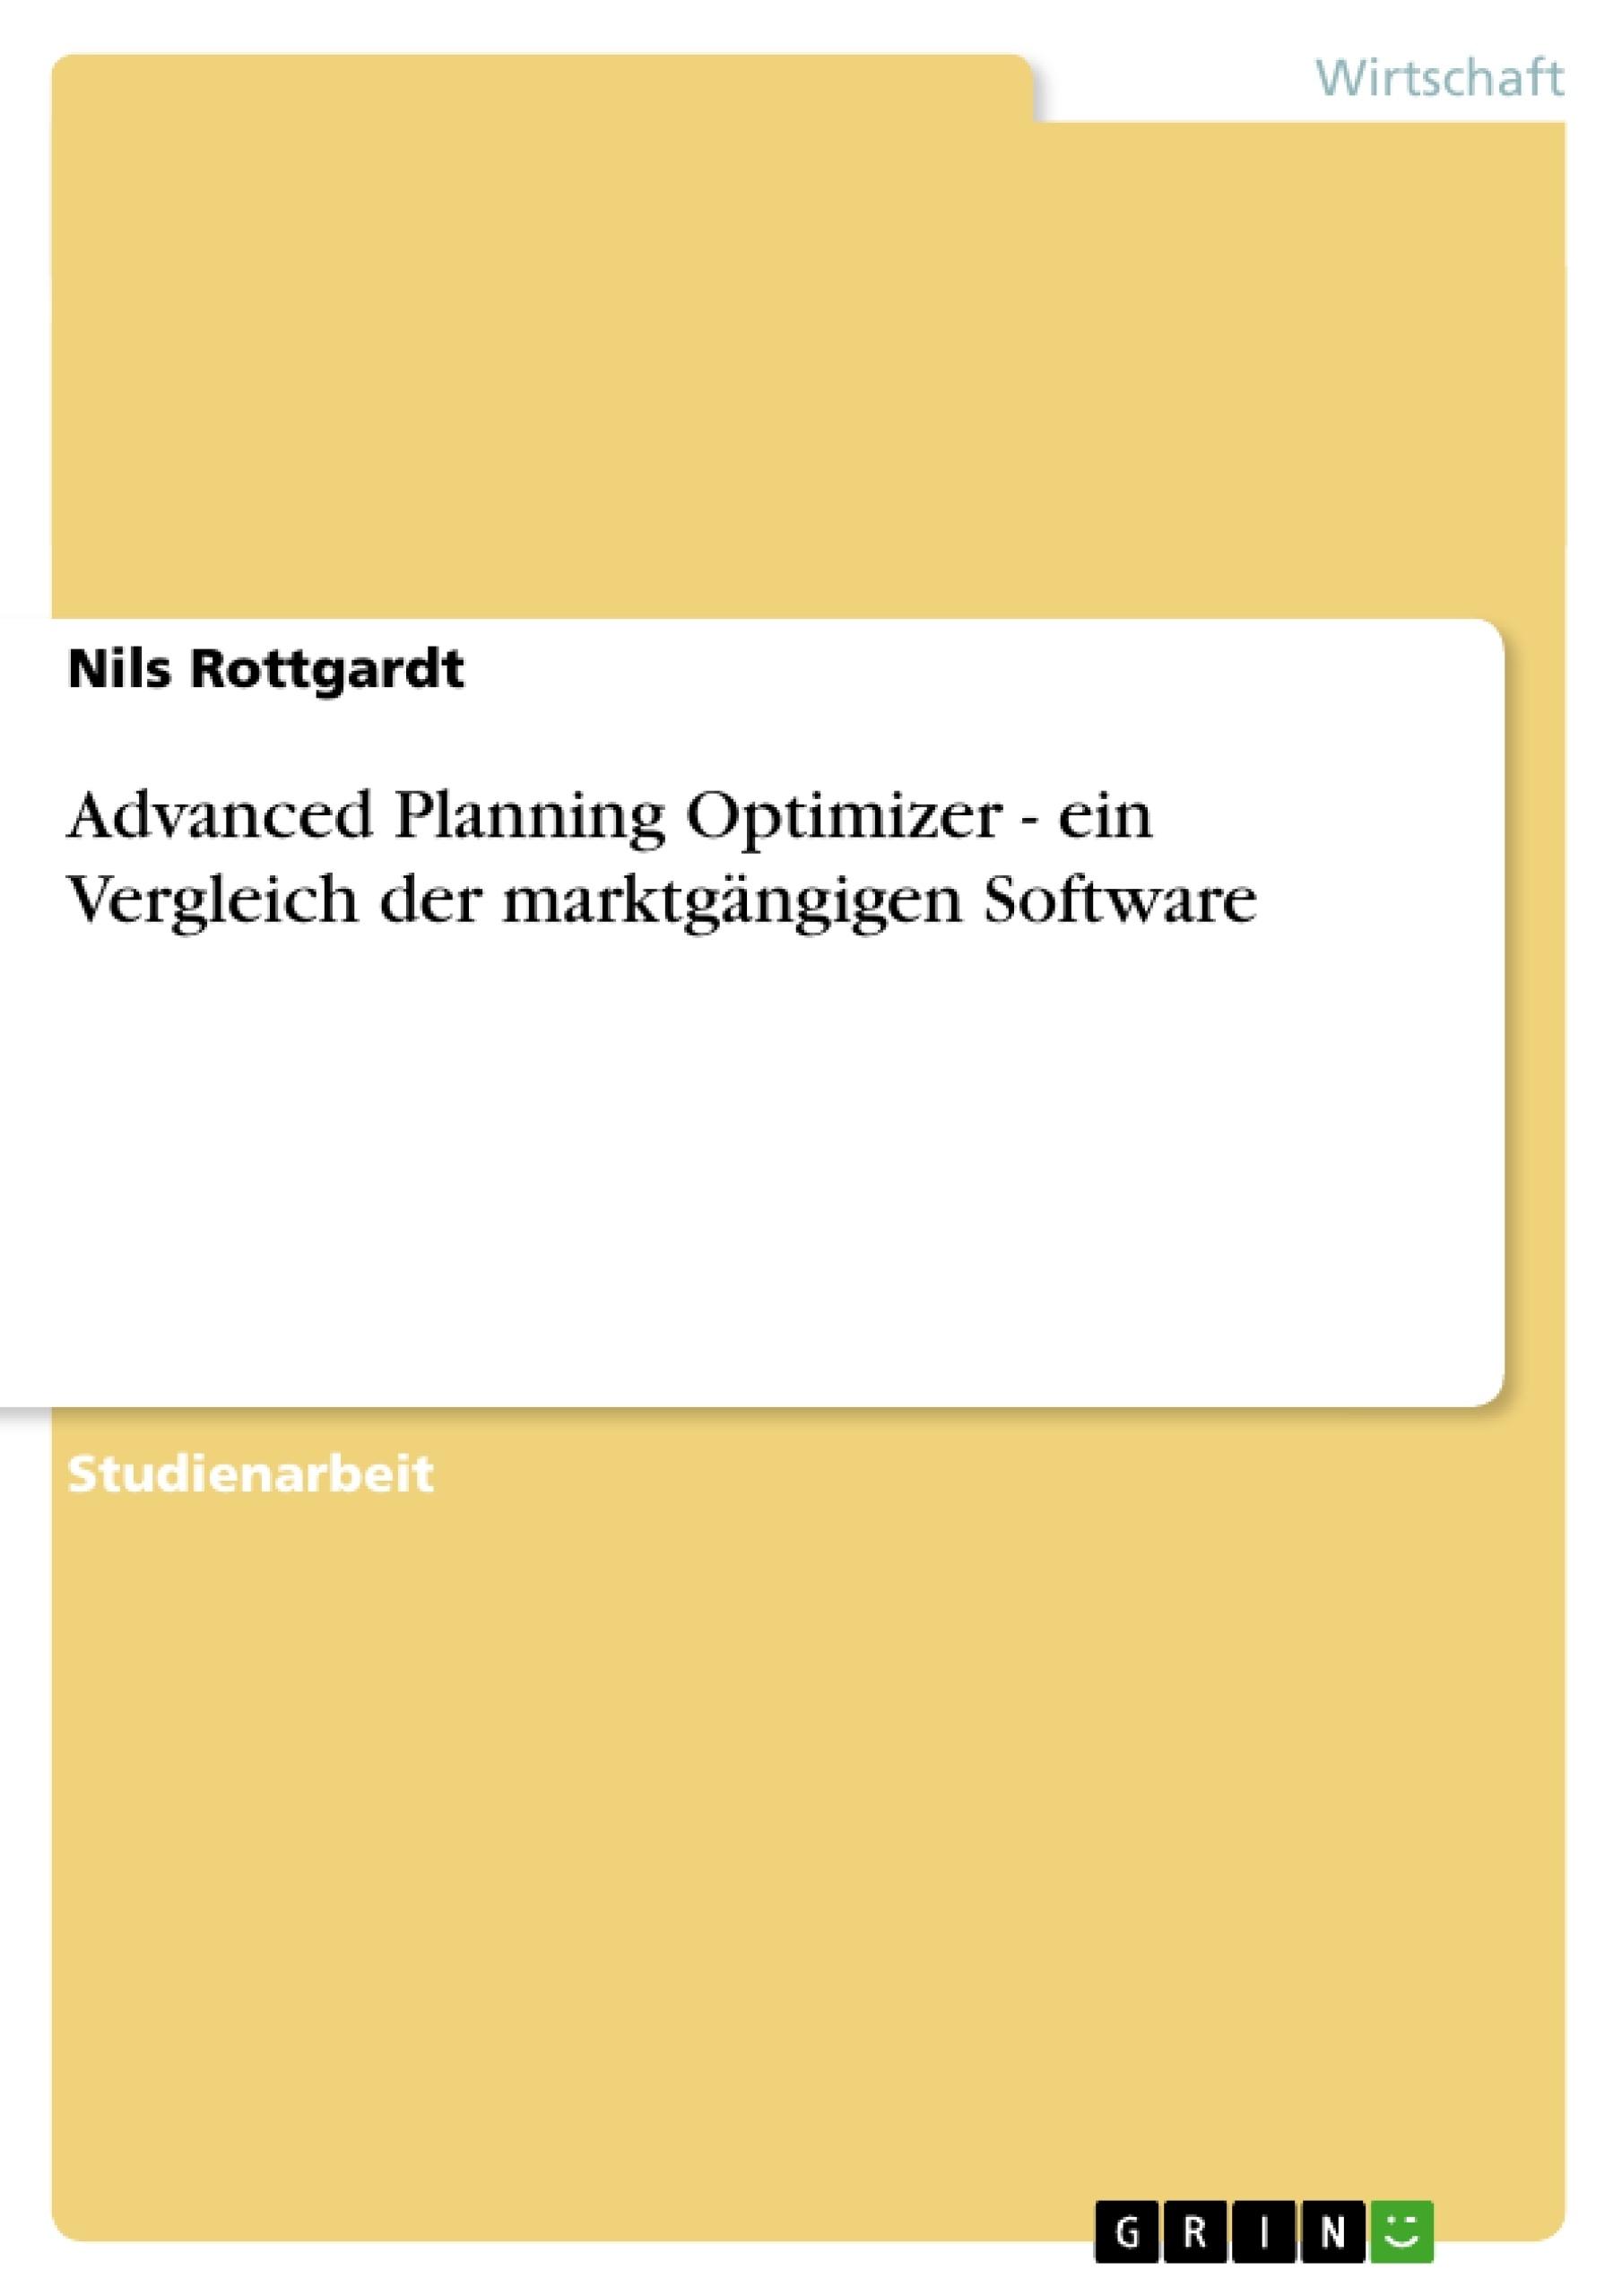 Titel: Advanced Planning Optimizer - ein Vergleich der marktgängigen Software